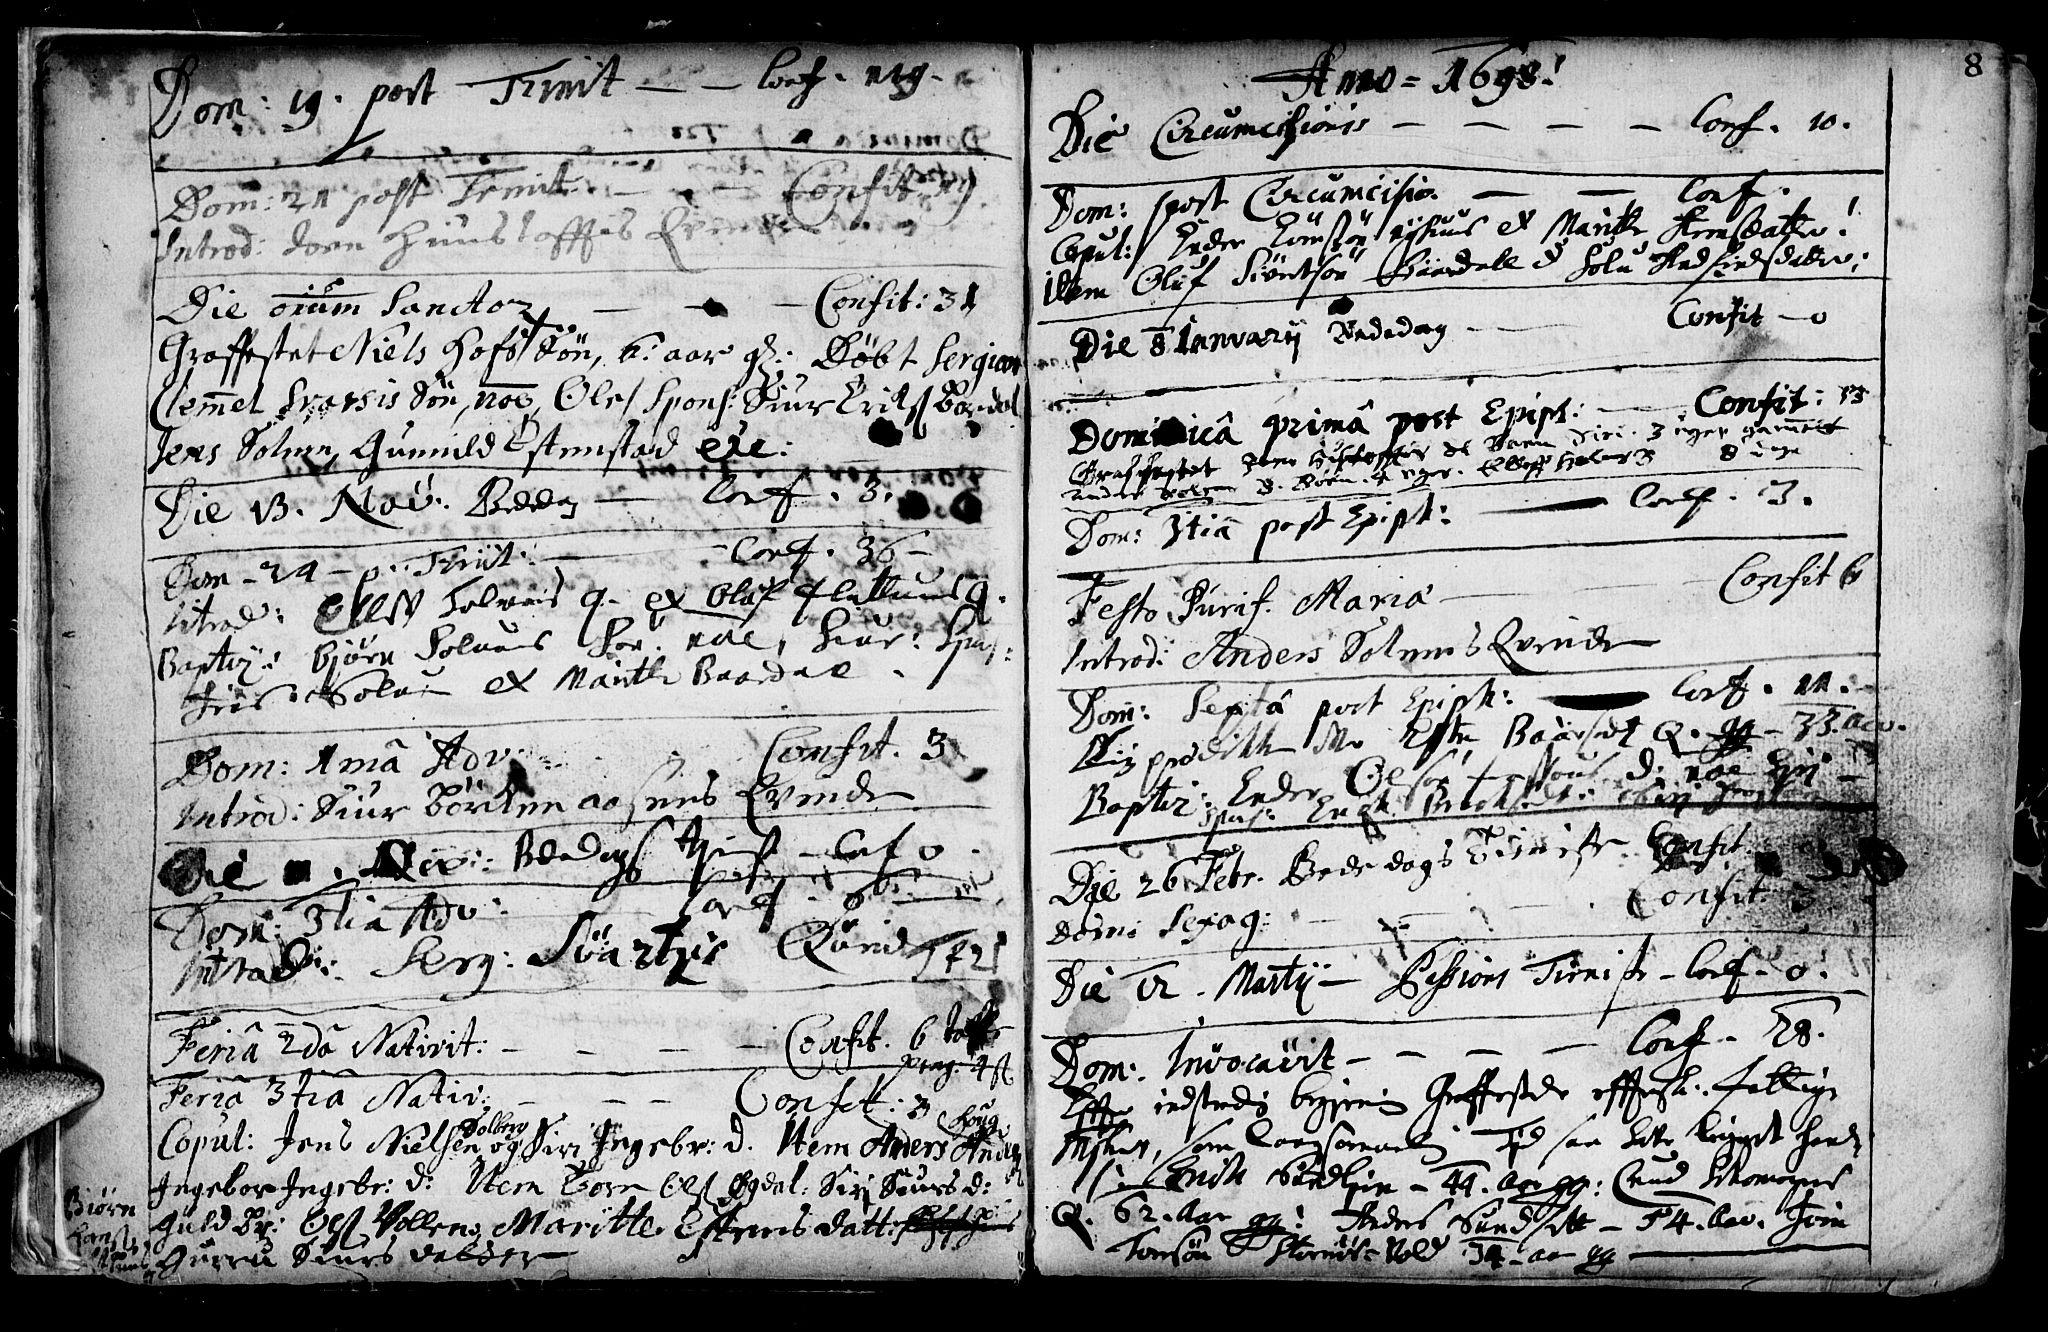 SAT, Ministerialprotokoller, klokkerbøker og fødselsregistre - Sør-Trøndelag, 689/L1036: Ministerialbok nr. 689A01, 1696-1746, s. 8